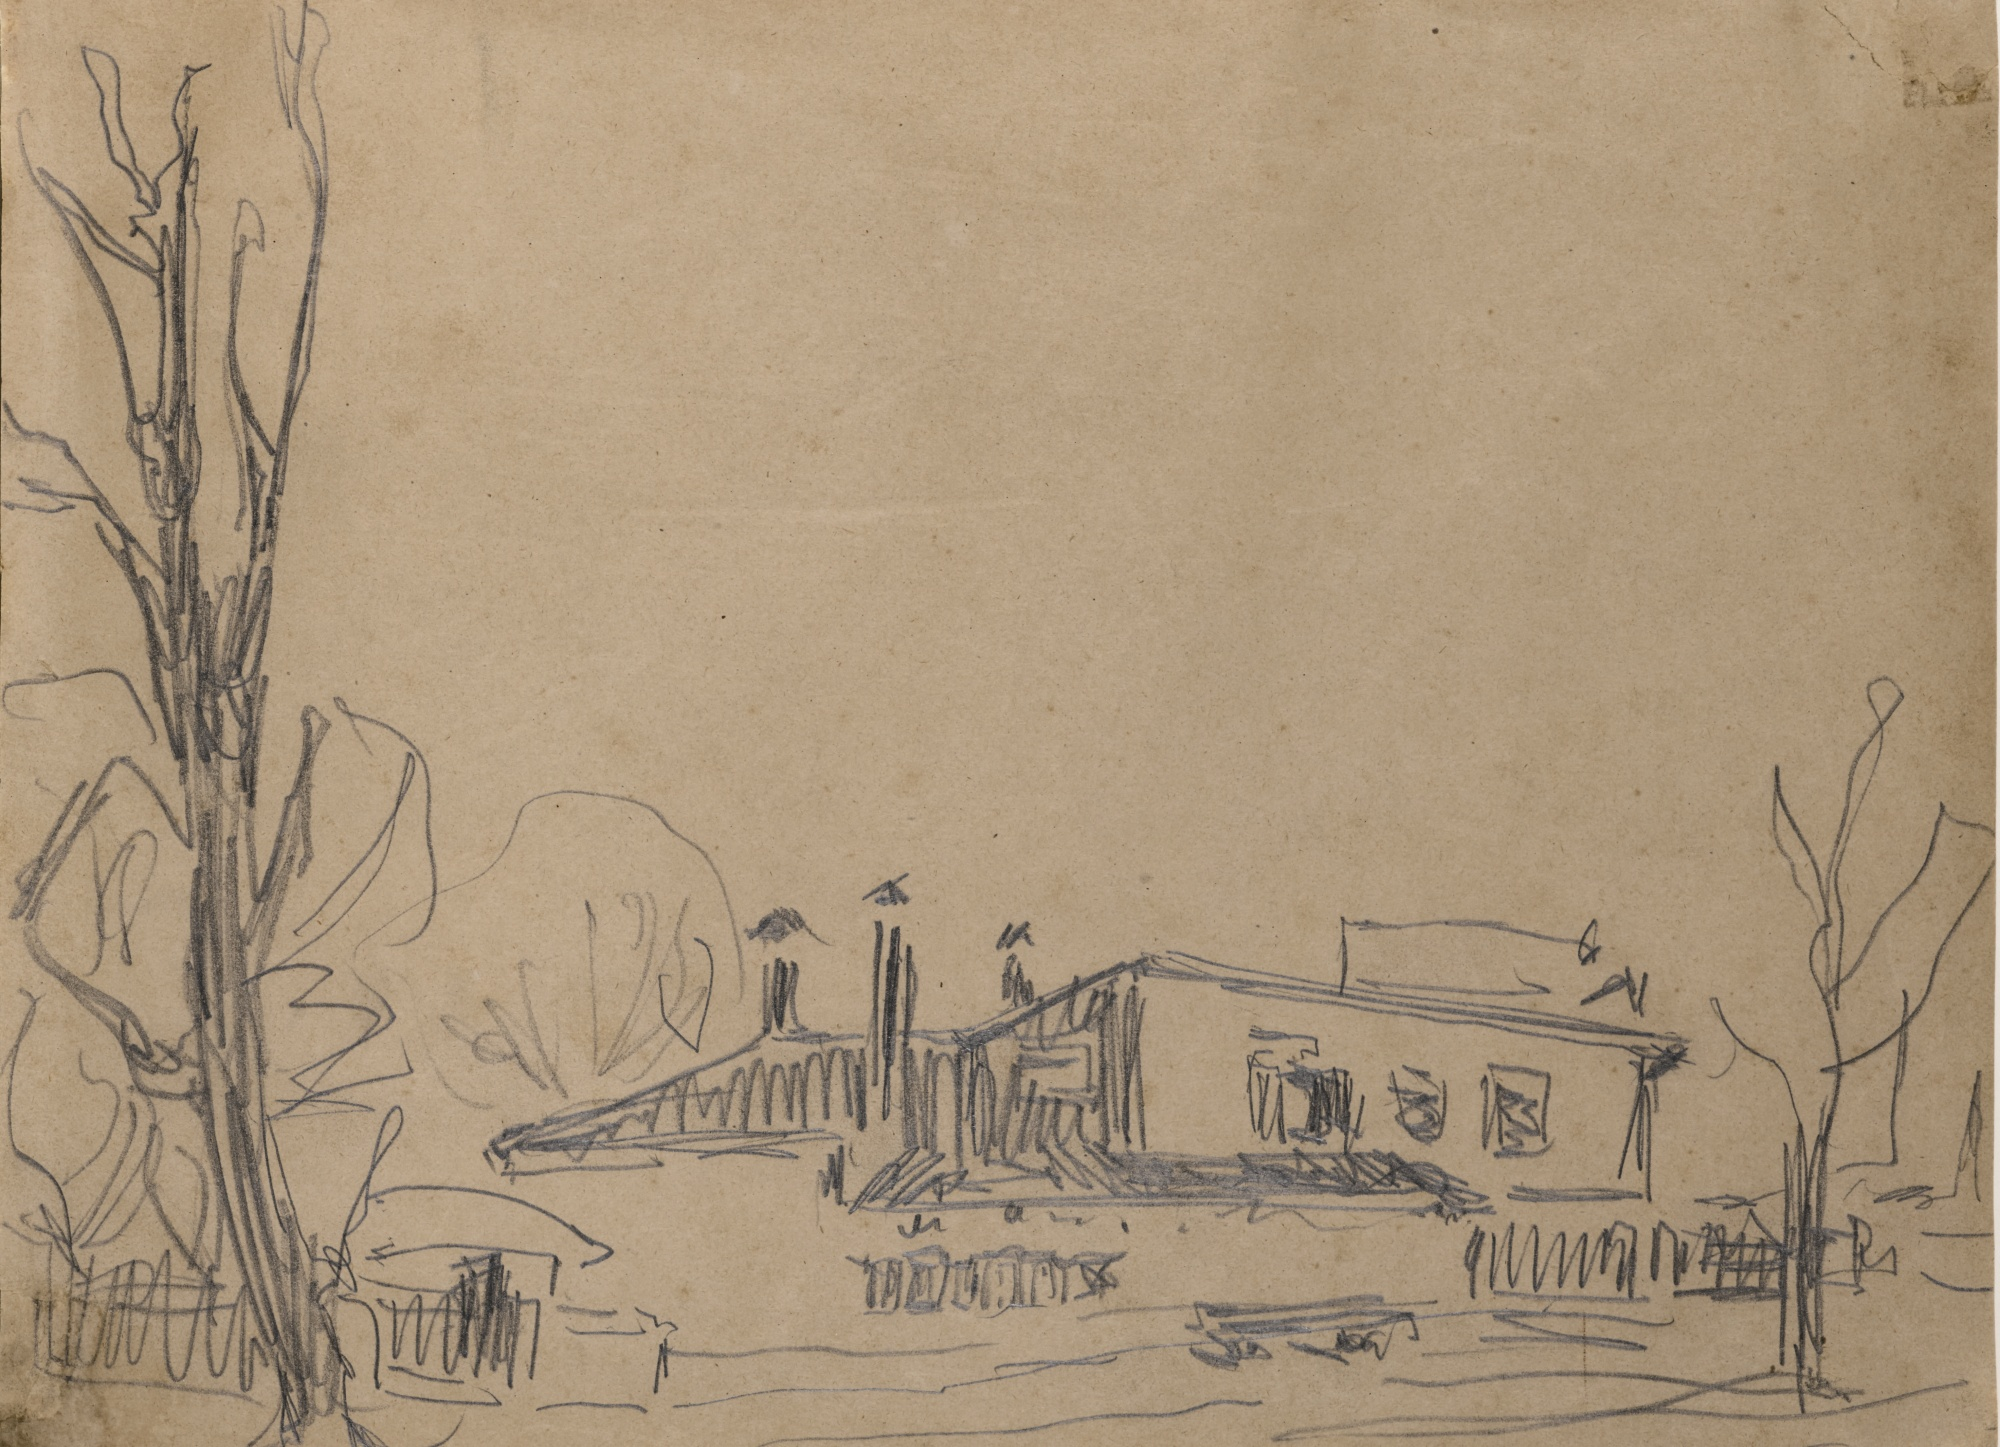 Ernst Ludwig Kirchner-Partie Bei Dresden (Area Near Dresden) - Recto Akt Mit Halskette Auf Einem Sofa Liegend (Nude With Necklace Reclining On A Sofa) - Verso-1909